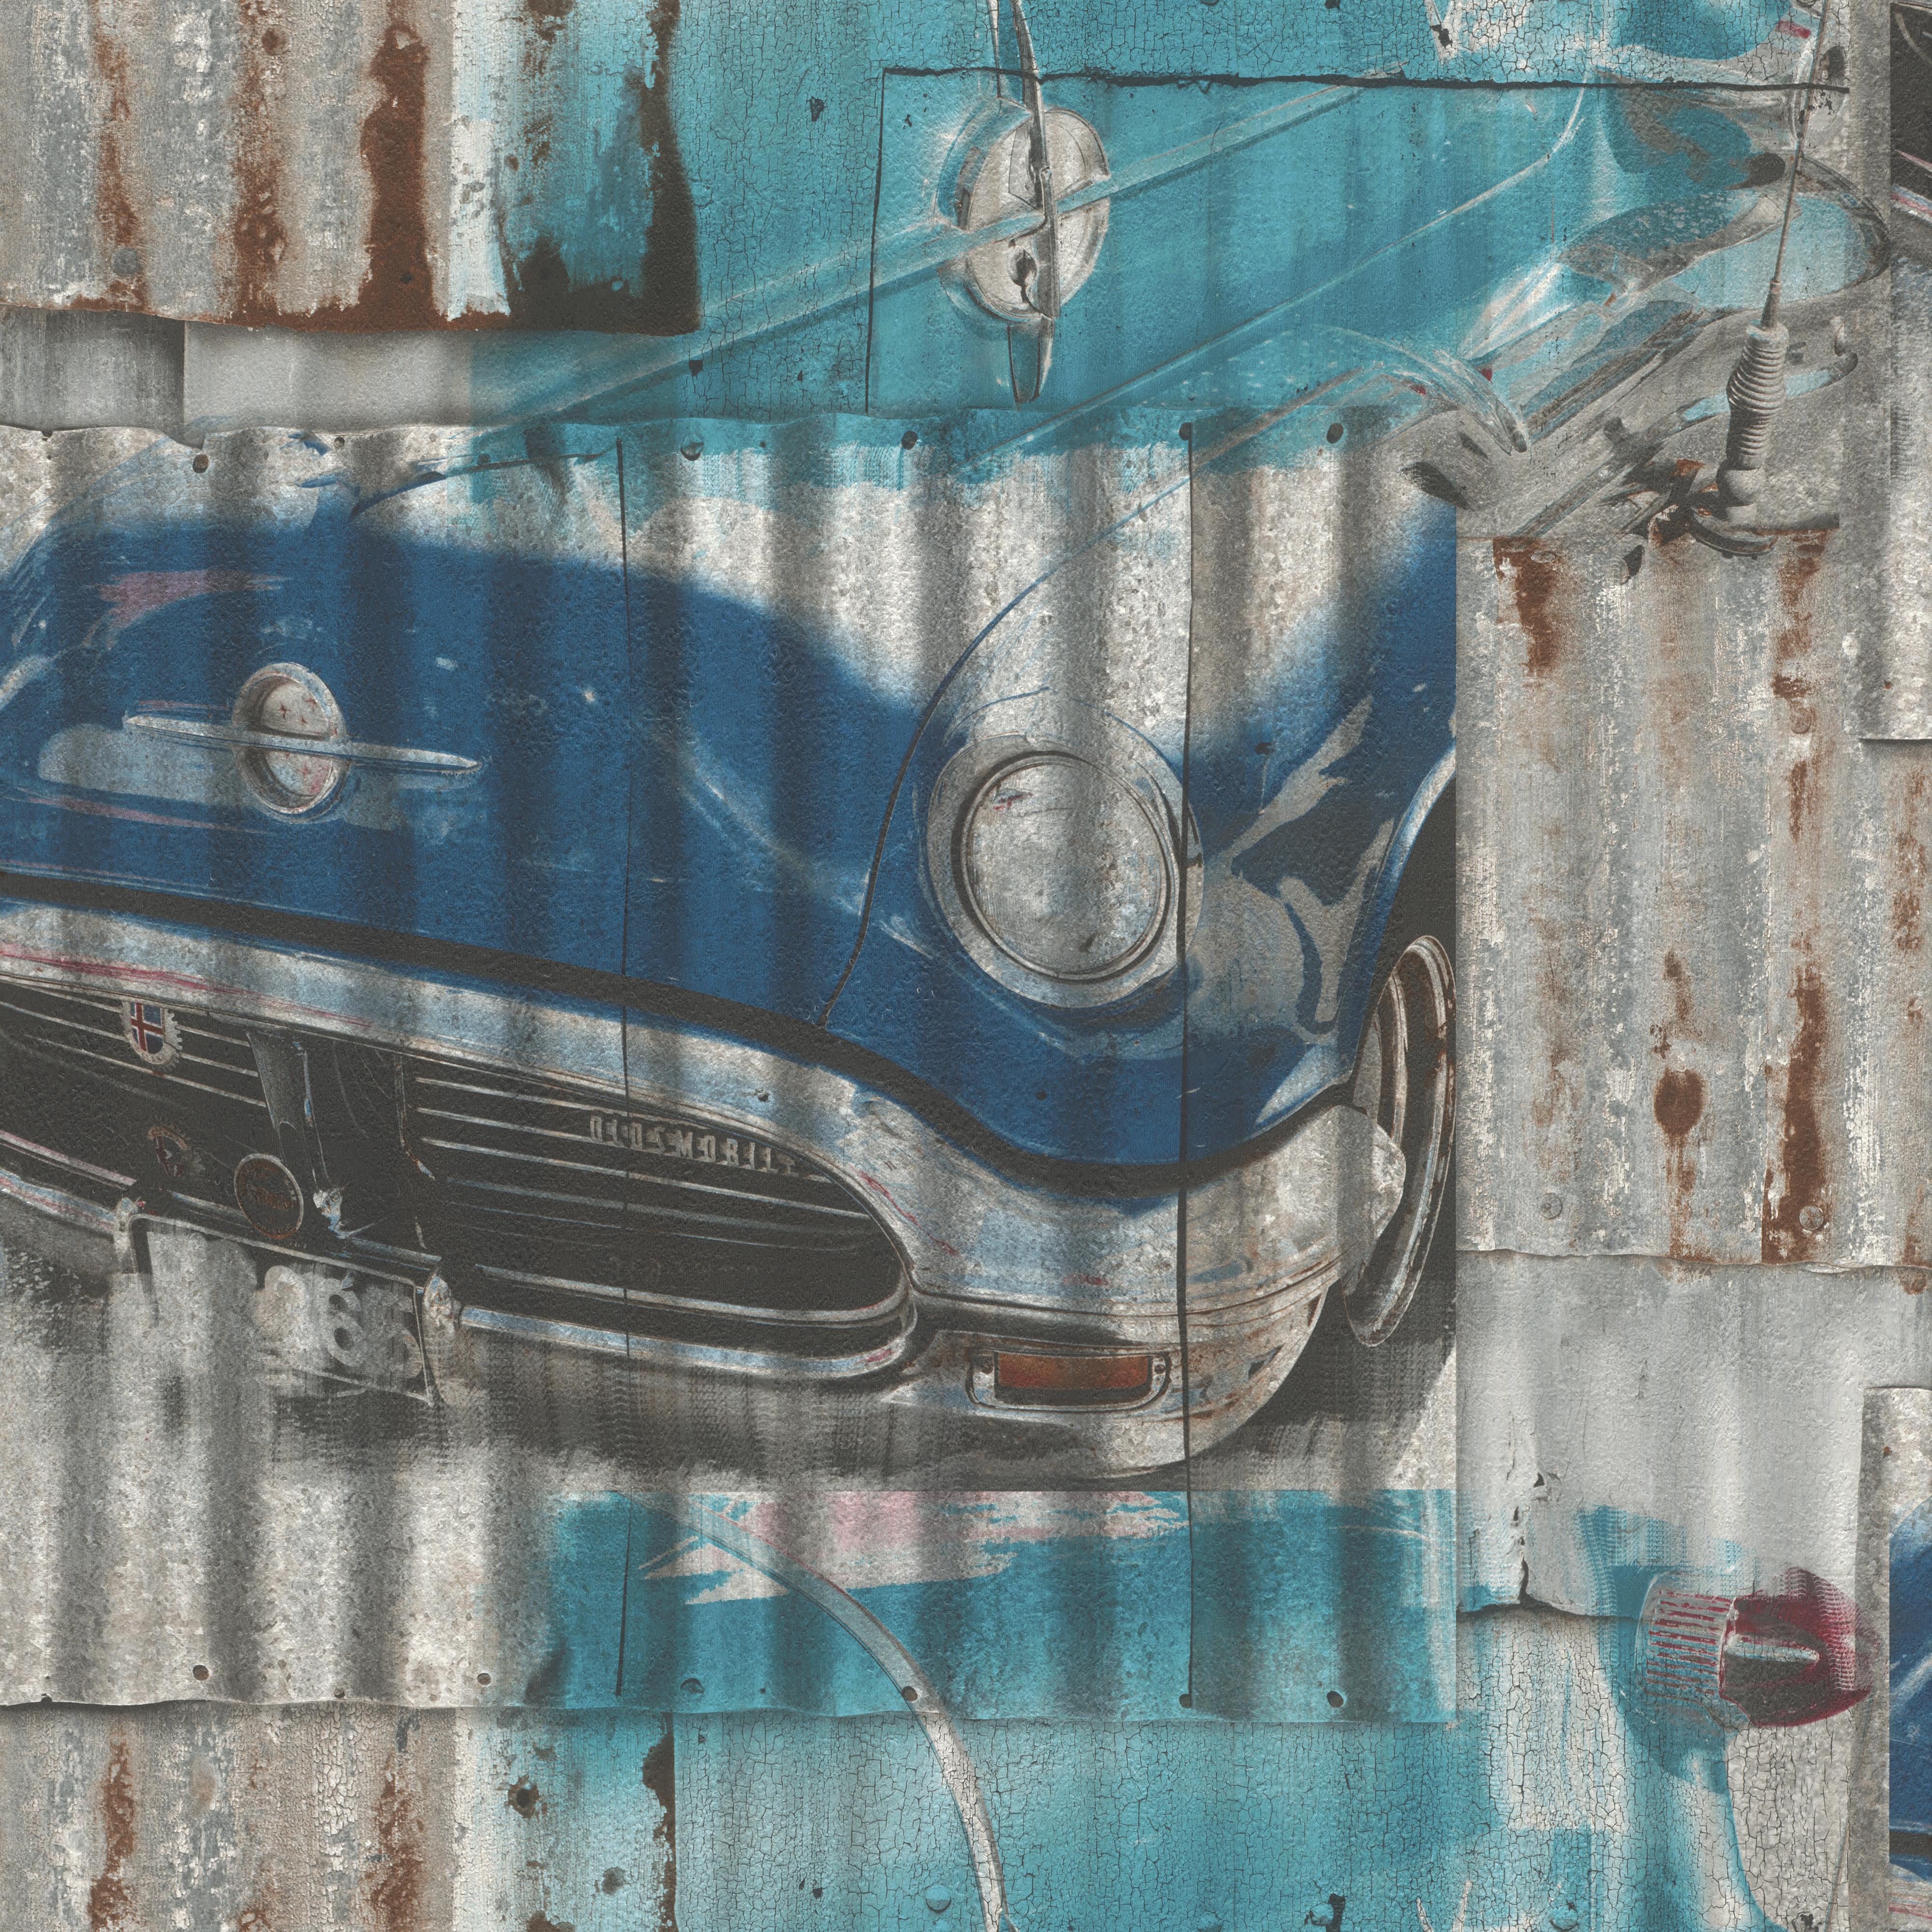 Hangulatós régi autó gyerektapéta kék színvilágban